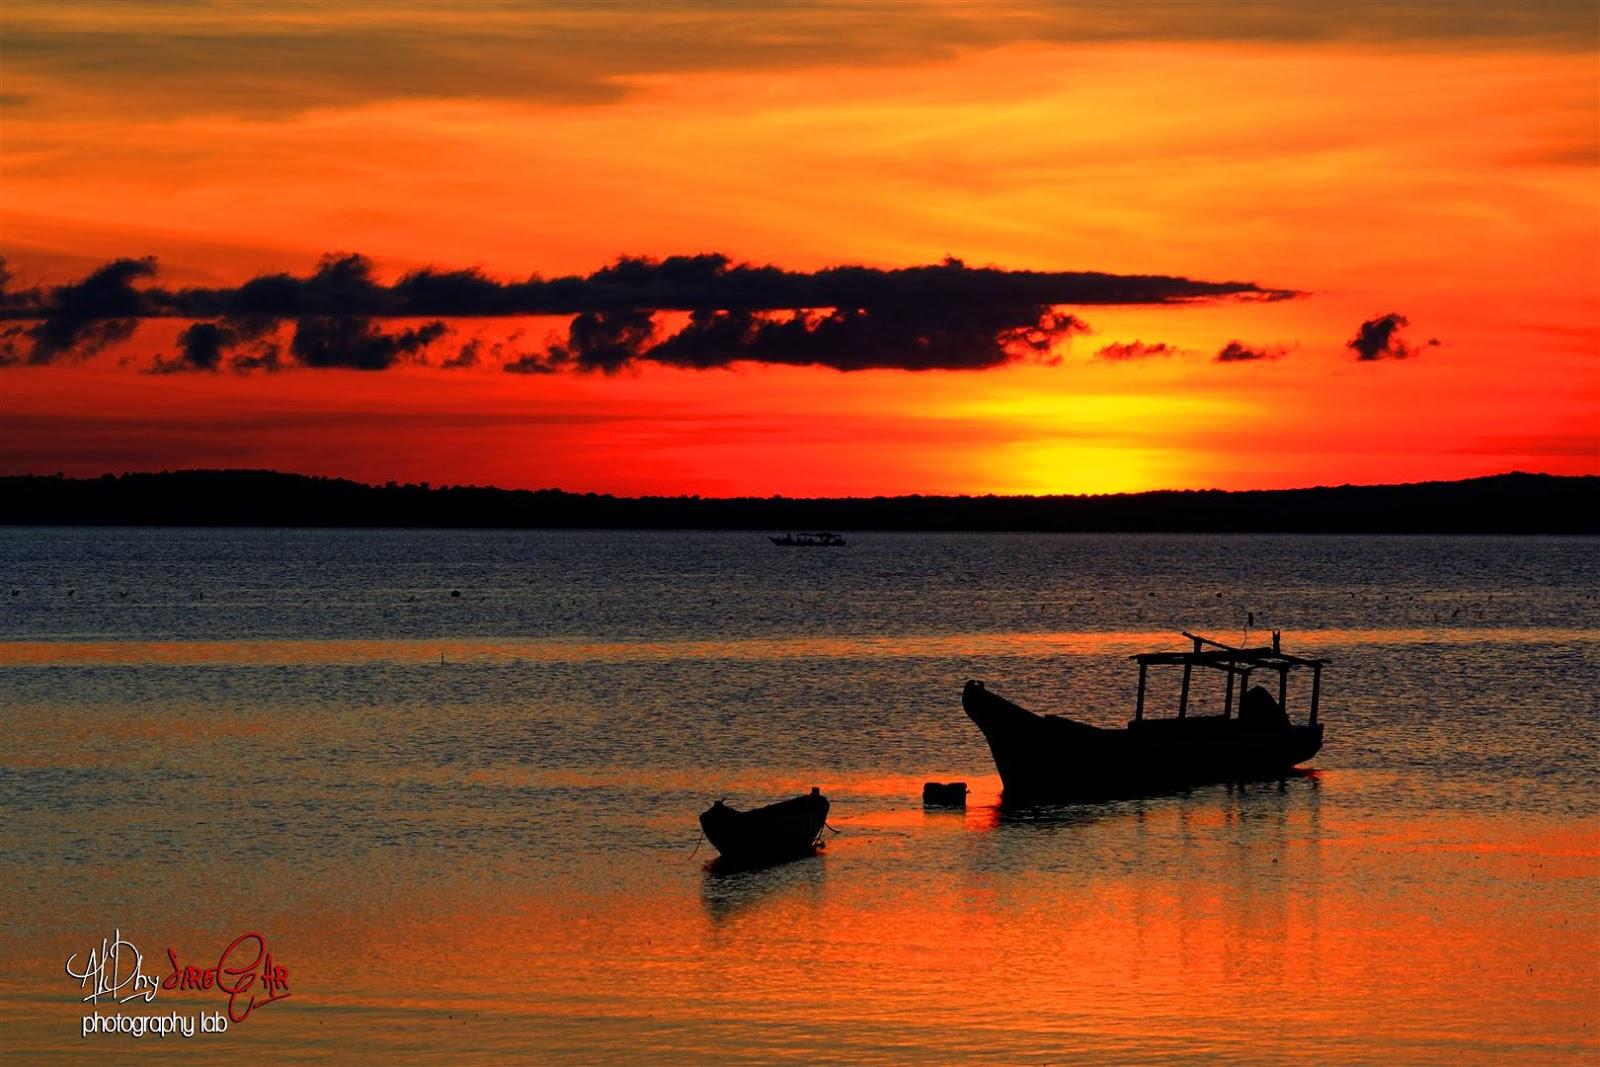 Hunting 32 Pantai Tablolong Kupang Ii Aldhy Siregar Photography Lab